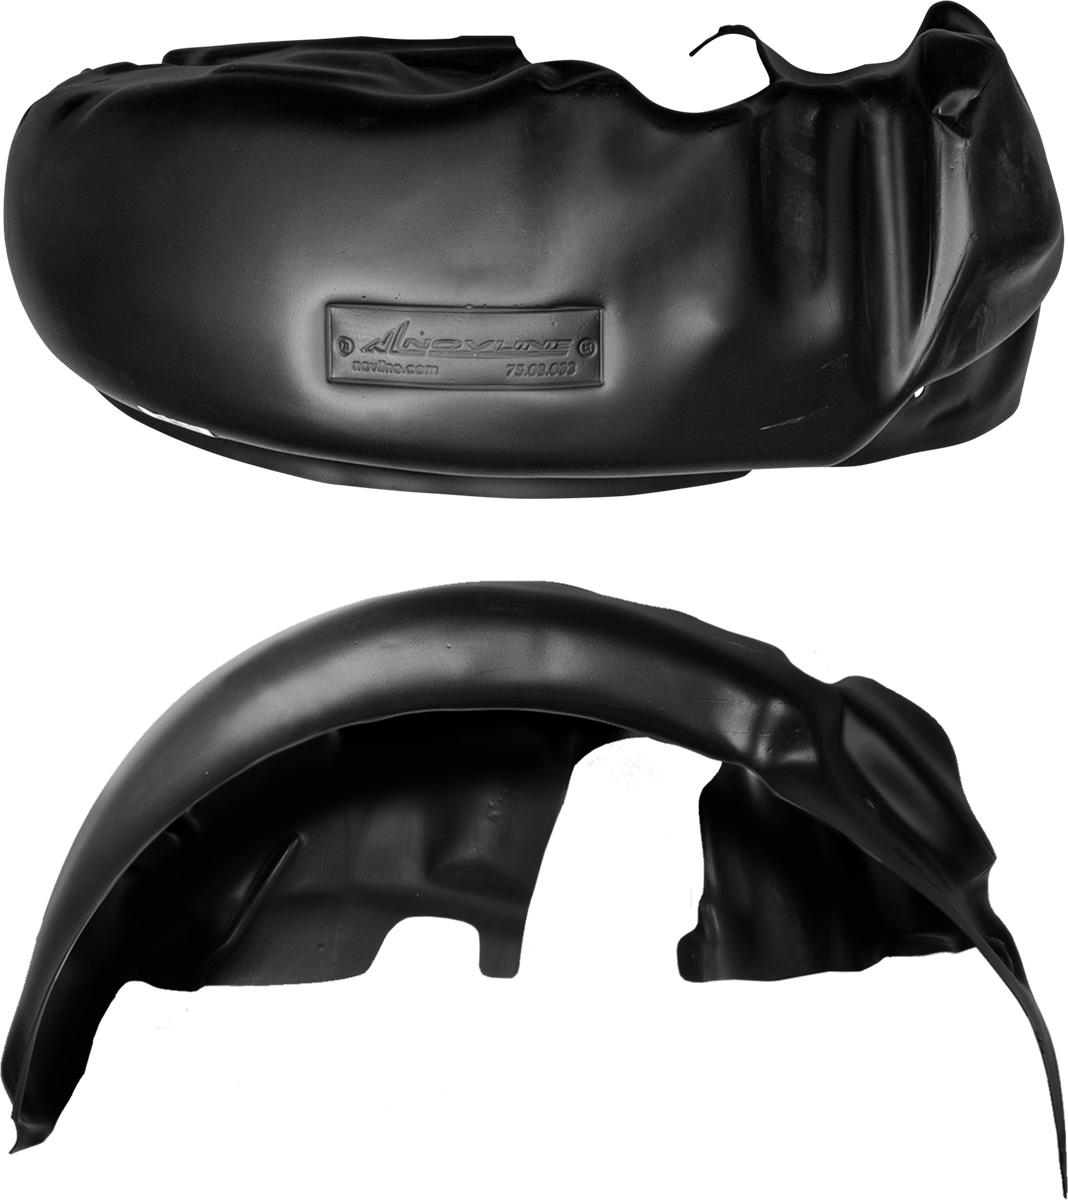 Подкрылок Novline-Autofamily, для Nissan Almera, 2012->, задний левыйNLL.36.37.003Колесные ниши - одни из самых уязвимых зон днища вашего автомобиля. Они постоянно подвергаются воздействию со стороны дороги. Лучшая, почти абсолютная защита для них - специально отформованные пластиковые кожухи, которые называются подкрылками. Производятся они как для отечественных моделей автомобилей, так и для иномарок. Подкрылки Novline-Autofamily выполнены из высококачественного, экологически чистого пластика. Обеспечивают надежную защиту кузова автомобиля от пескоструйного эффекта и негативного влияния, агрессивных антигололедных реагентов. Пластик обладает более низкой теплопроводностью, чем металл, поэтому в зимний период эксплуатации использование пластиковых подкрылков позволяет лучше защитить колесные ниши от налипания снега и образования наледи. Оригинальность конструкции подчеркивает элегантность автомобиля, бережно защищает нанесенное на днище кузова антикоррозийное покрытие и позволяет осуществить крепление подкрылков внутри колесной арки практически без дополнительного крепежа и сверления, не нарушая при этом лакокрасочного покрытия, что предотвращает возникновение новых очагов коррозии. Подкрылки долговечны, обладают высокой прочностью и сохраняют заданную форму, а также все свои физико-механические характеристики в самых тяжелых климатических условиях (от -50°С до +50°С).Уважаемые клиенты!Обращаем ваше внимание, на тот факт, что подкрылок имеет форму, соответствующую модели данного автомобиля. Фото служит для визуального восприятия товара.